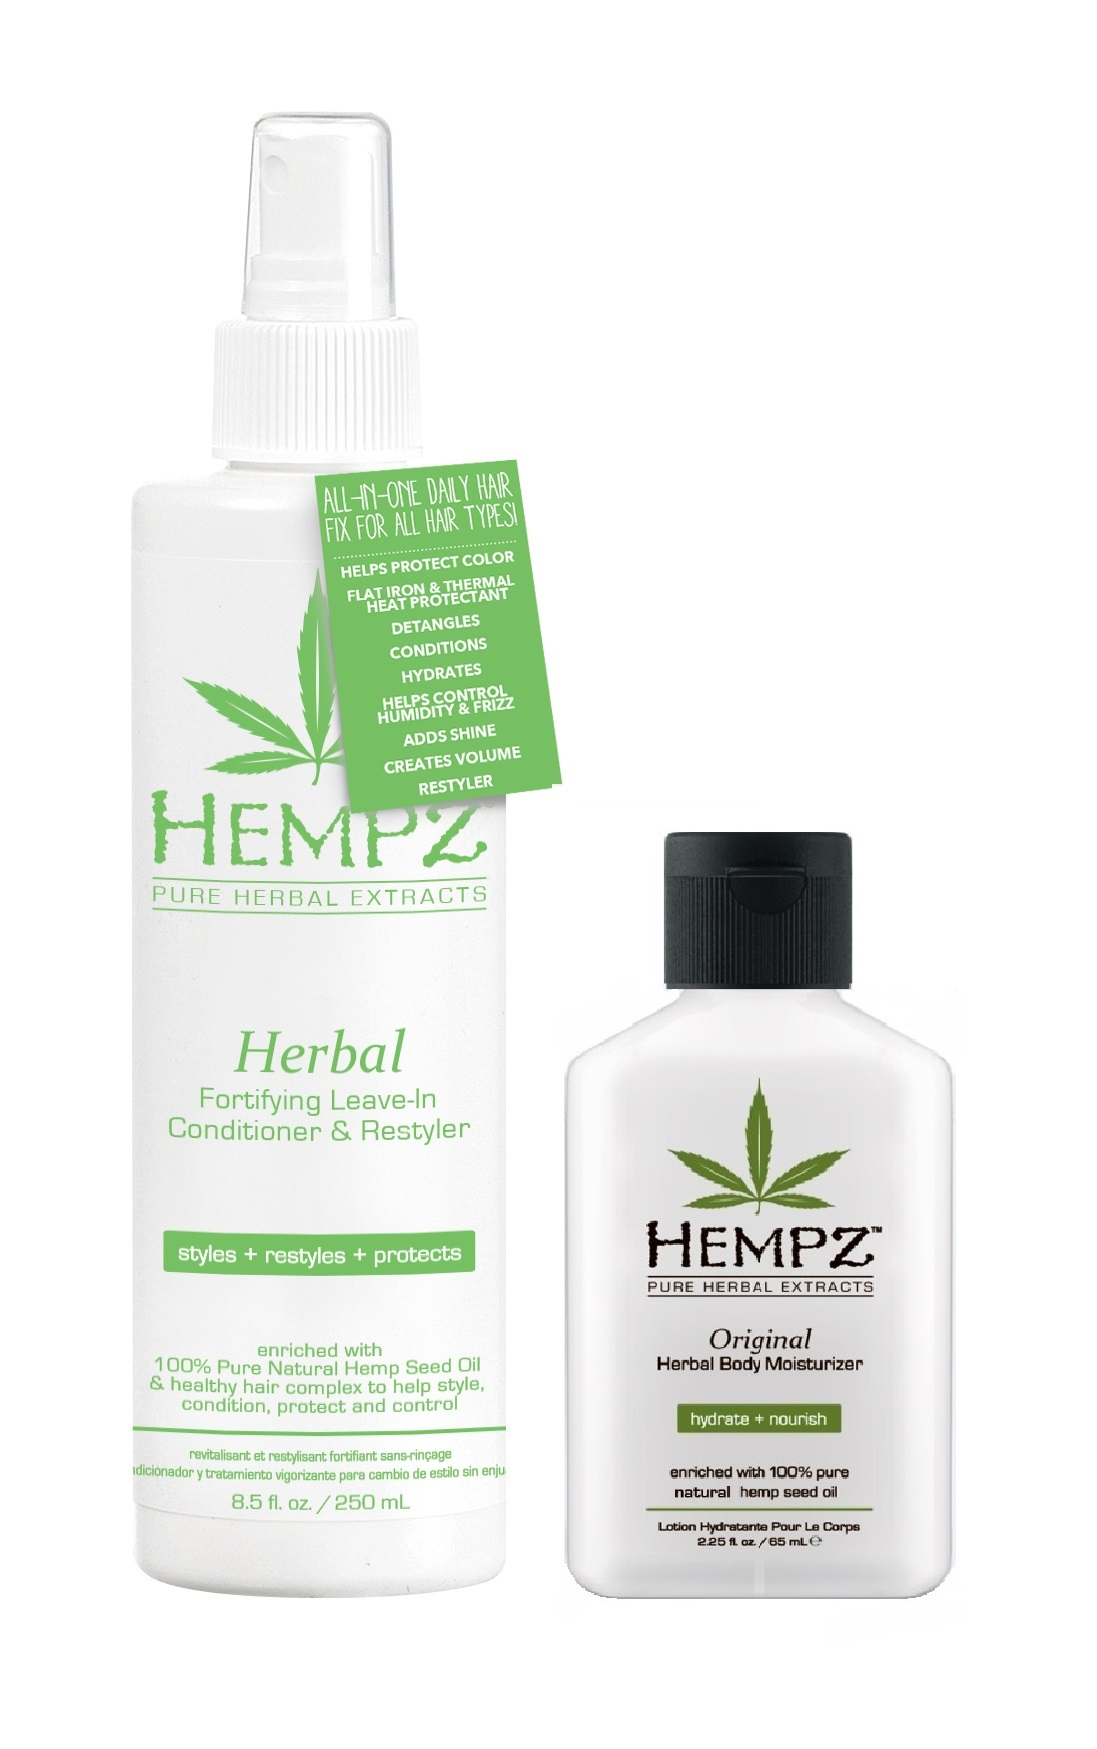 HEMPZ Набор для волос Свежесть (кондиционер несмываемый Здоровые Волосы 250 мл, молочко для тела увлажняющее Оригинальное 66 мл в подарок!) Fresh Take